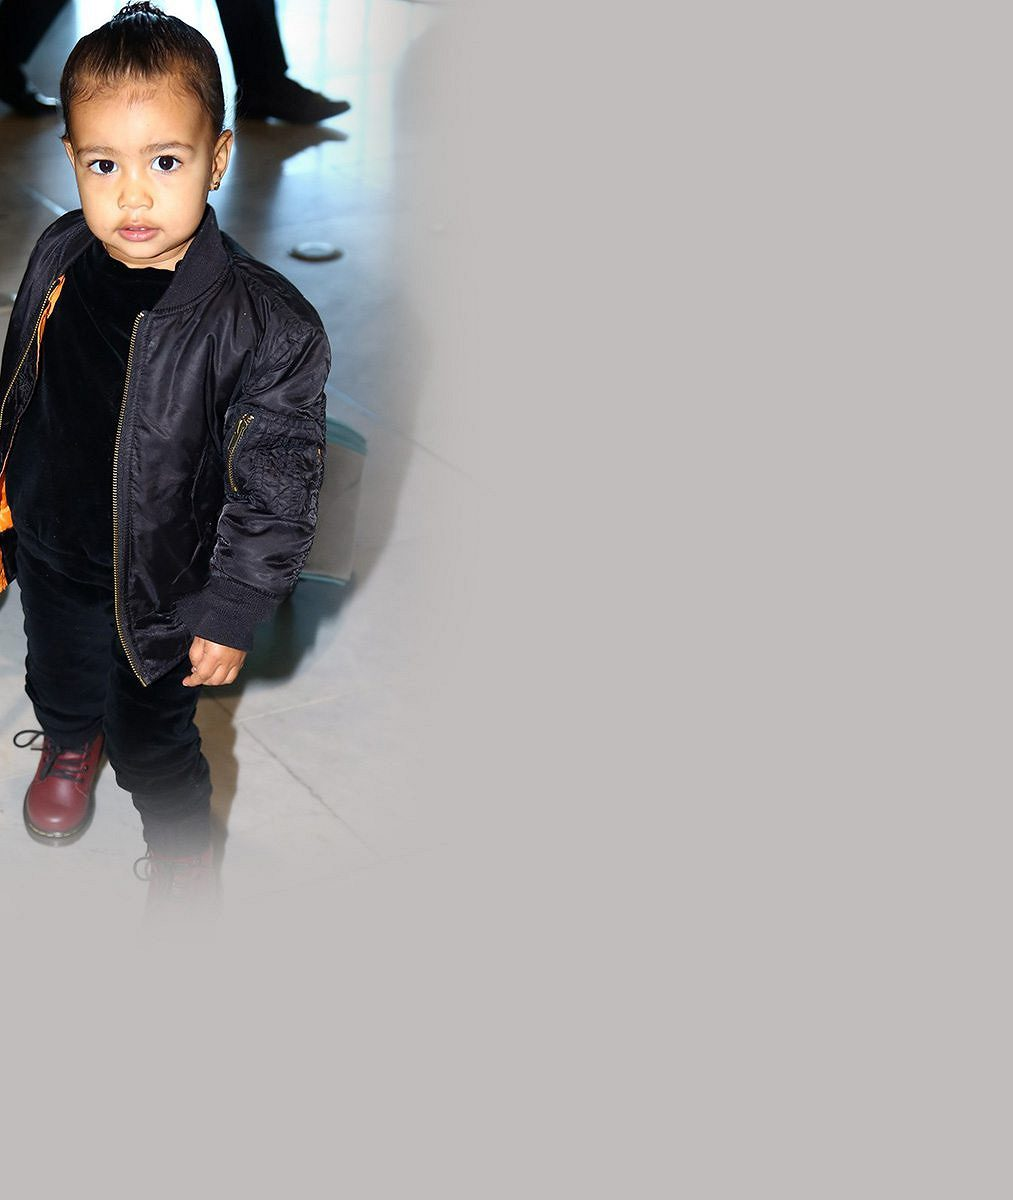 Proč Kardashian a West oblékají dceru jen do černé? Ve dvou letech vypadá jako gangster